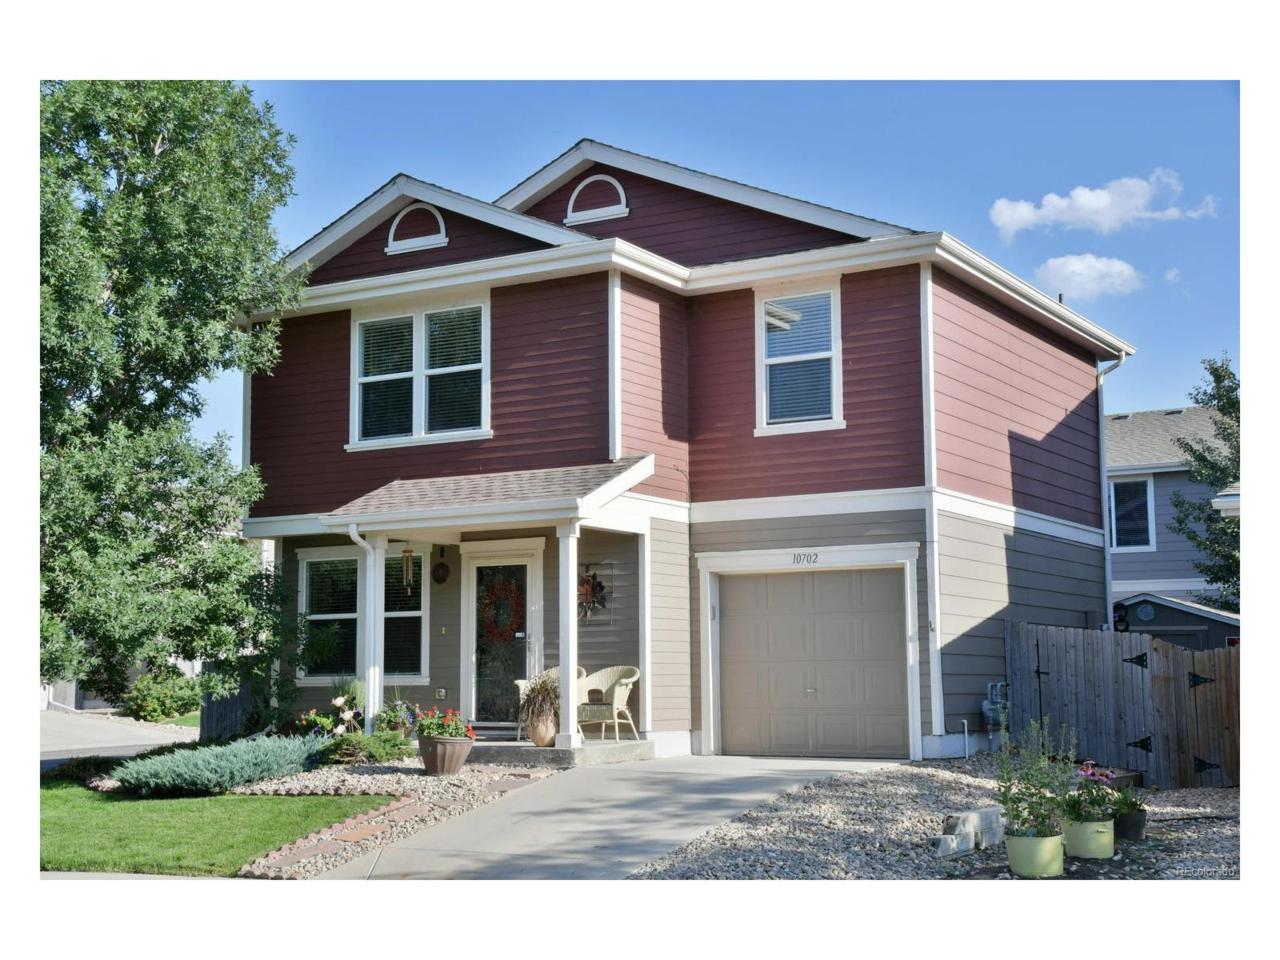 10702 Durango Place, Longmont, CO 80504 (MLS #7296919) :: 8z Real Estate